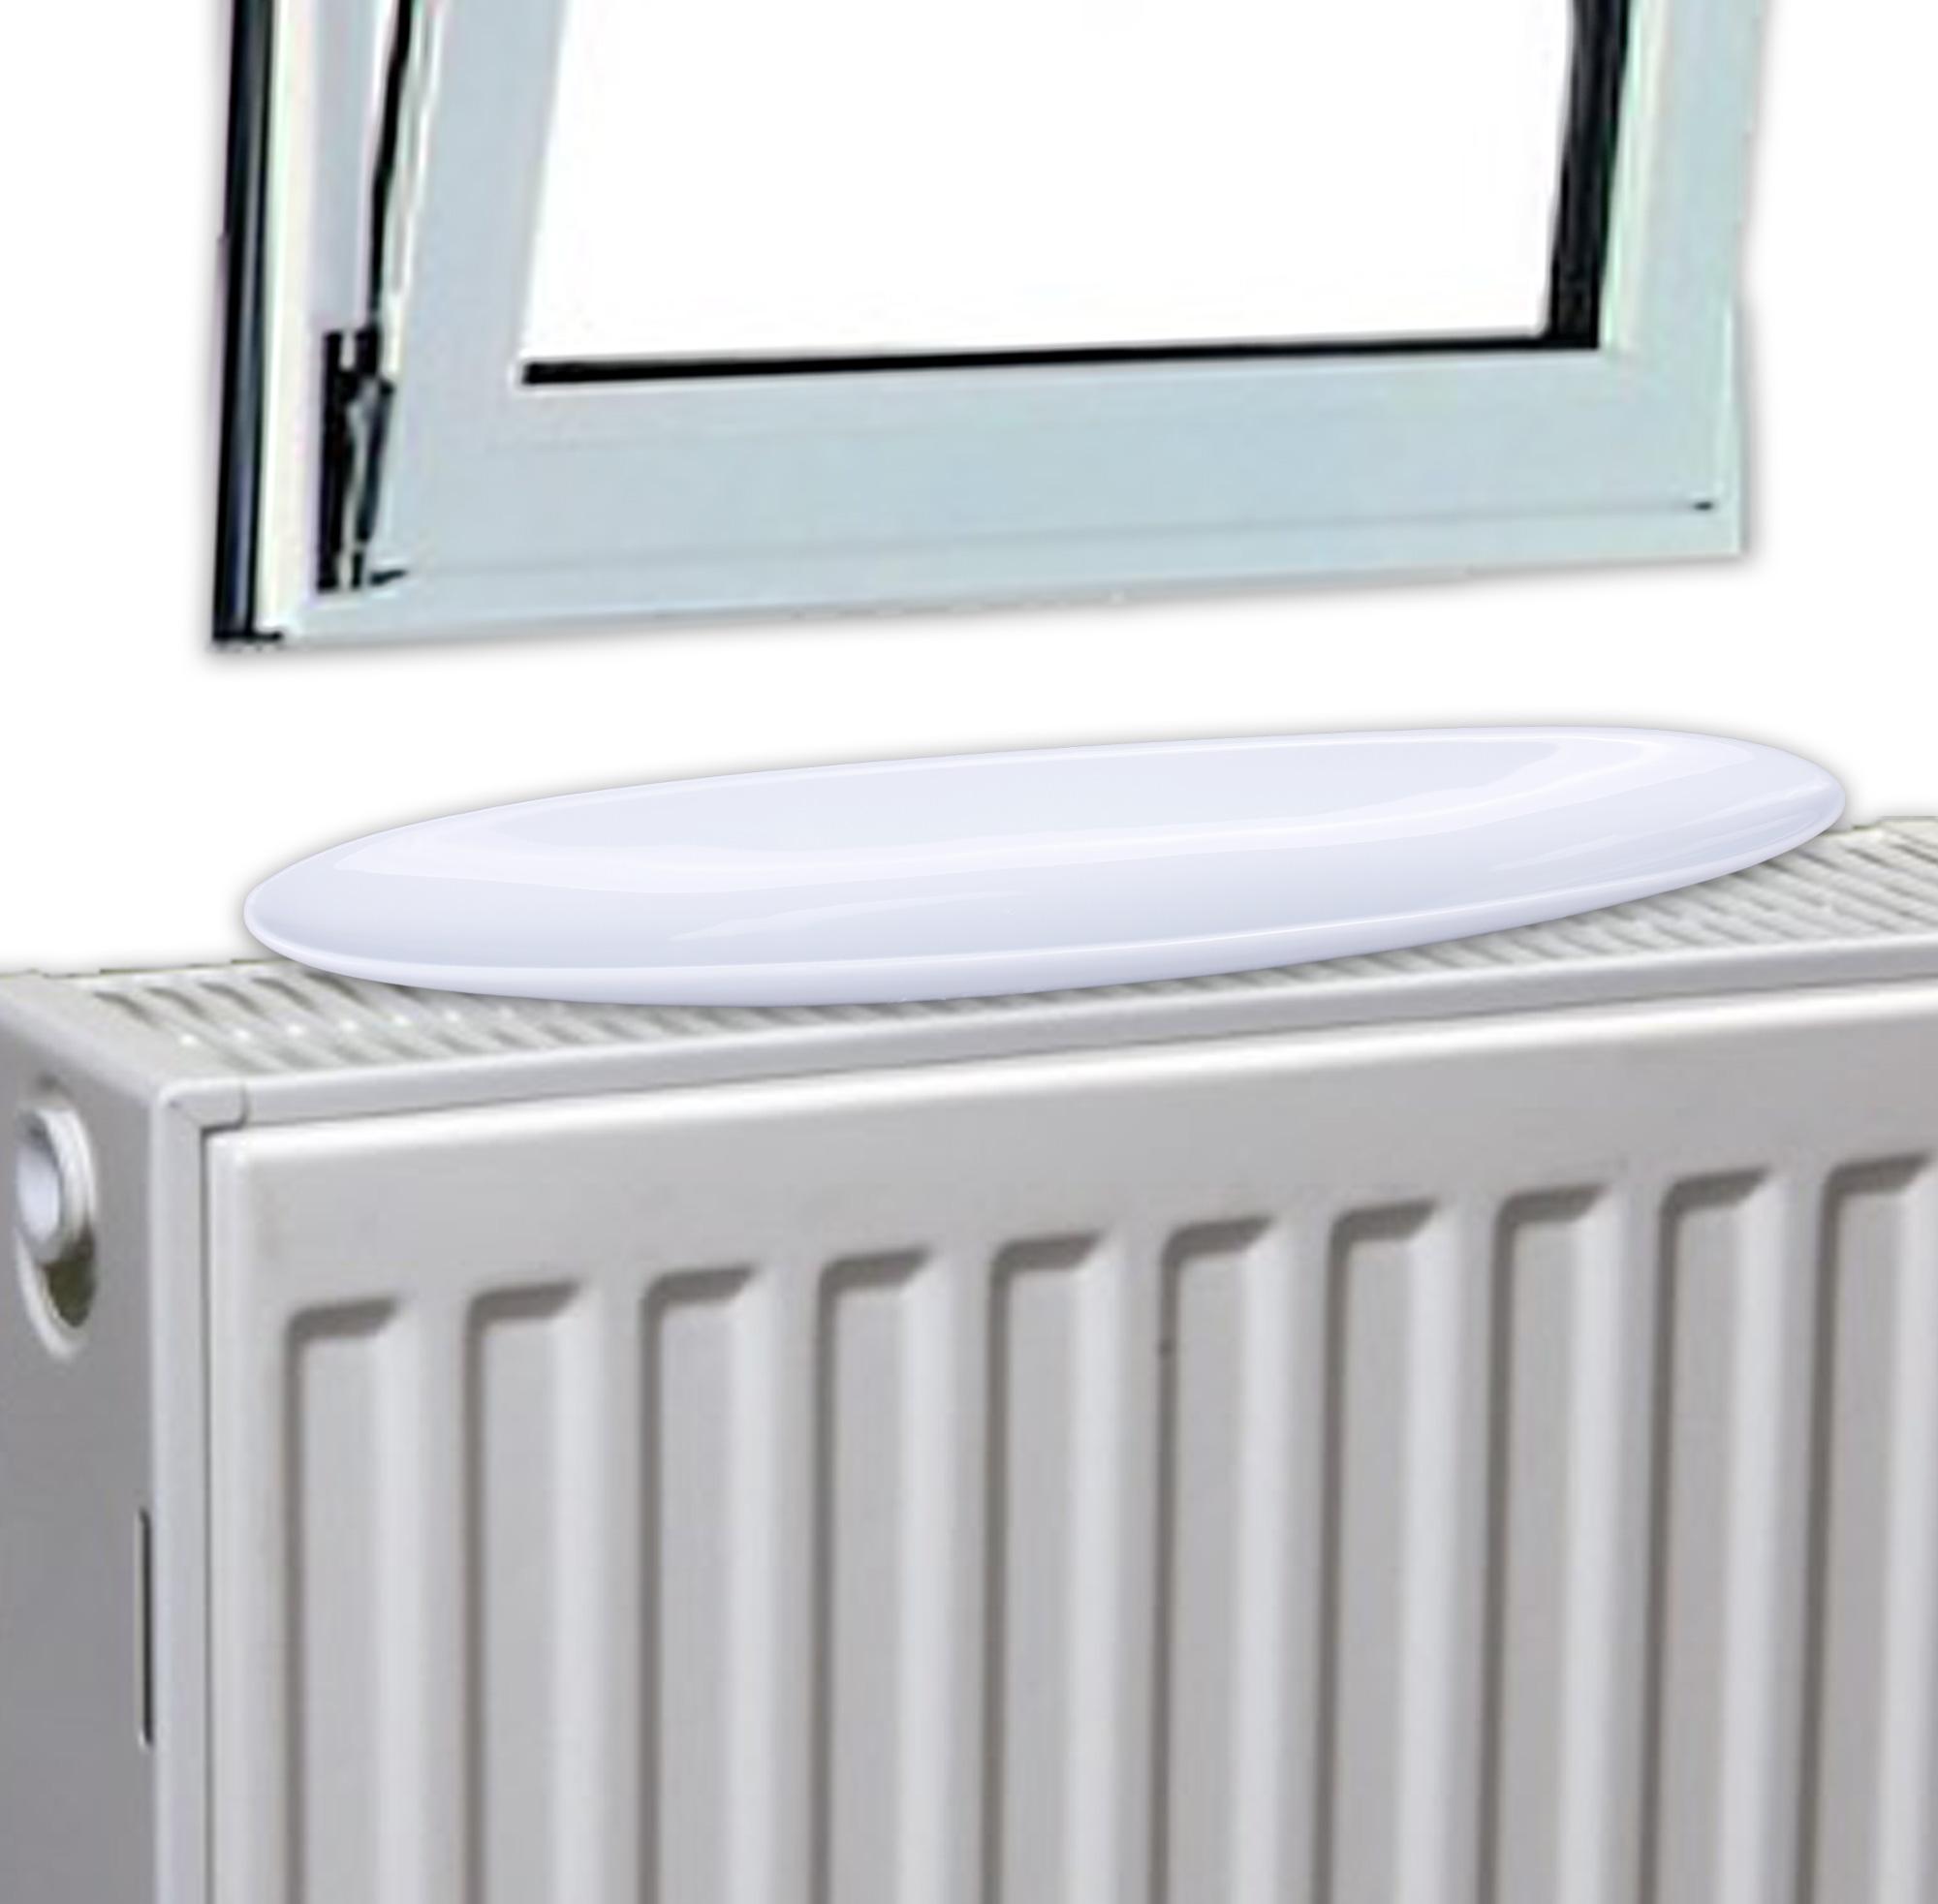 luftbefeuchter lufterfrischer raumbefeuchter raumerfrischer wasserschale heizung ebay. Black Bedroom Furniture Sets. Home Design Ideas